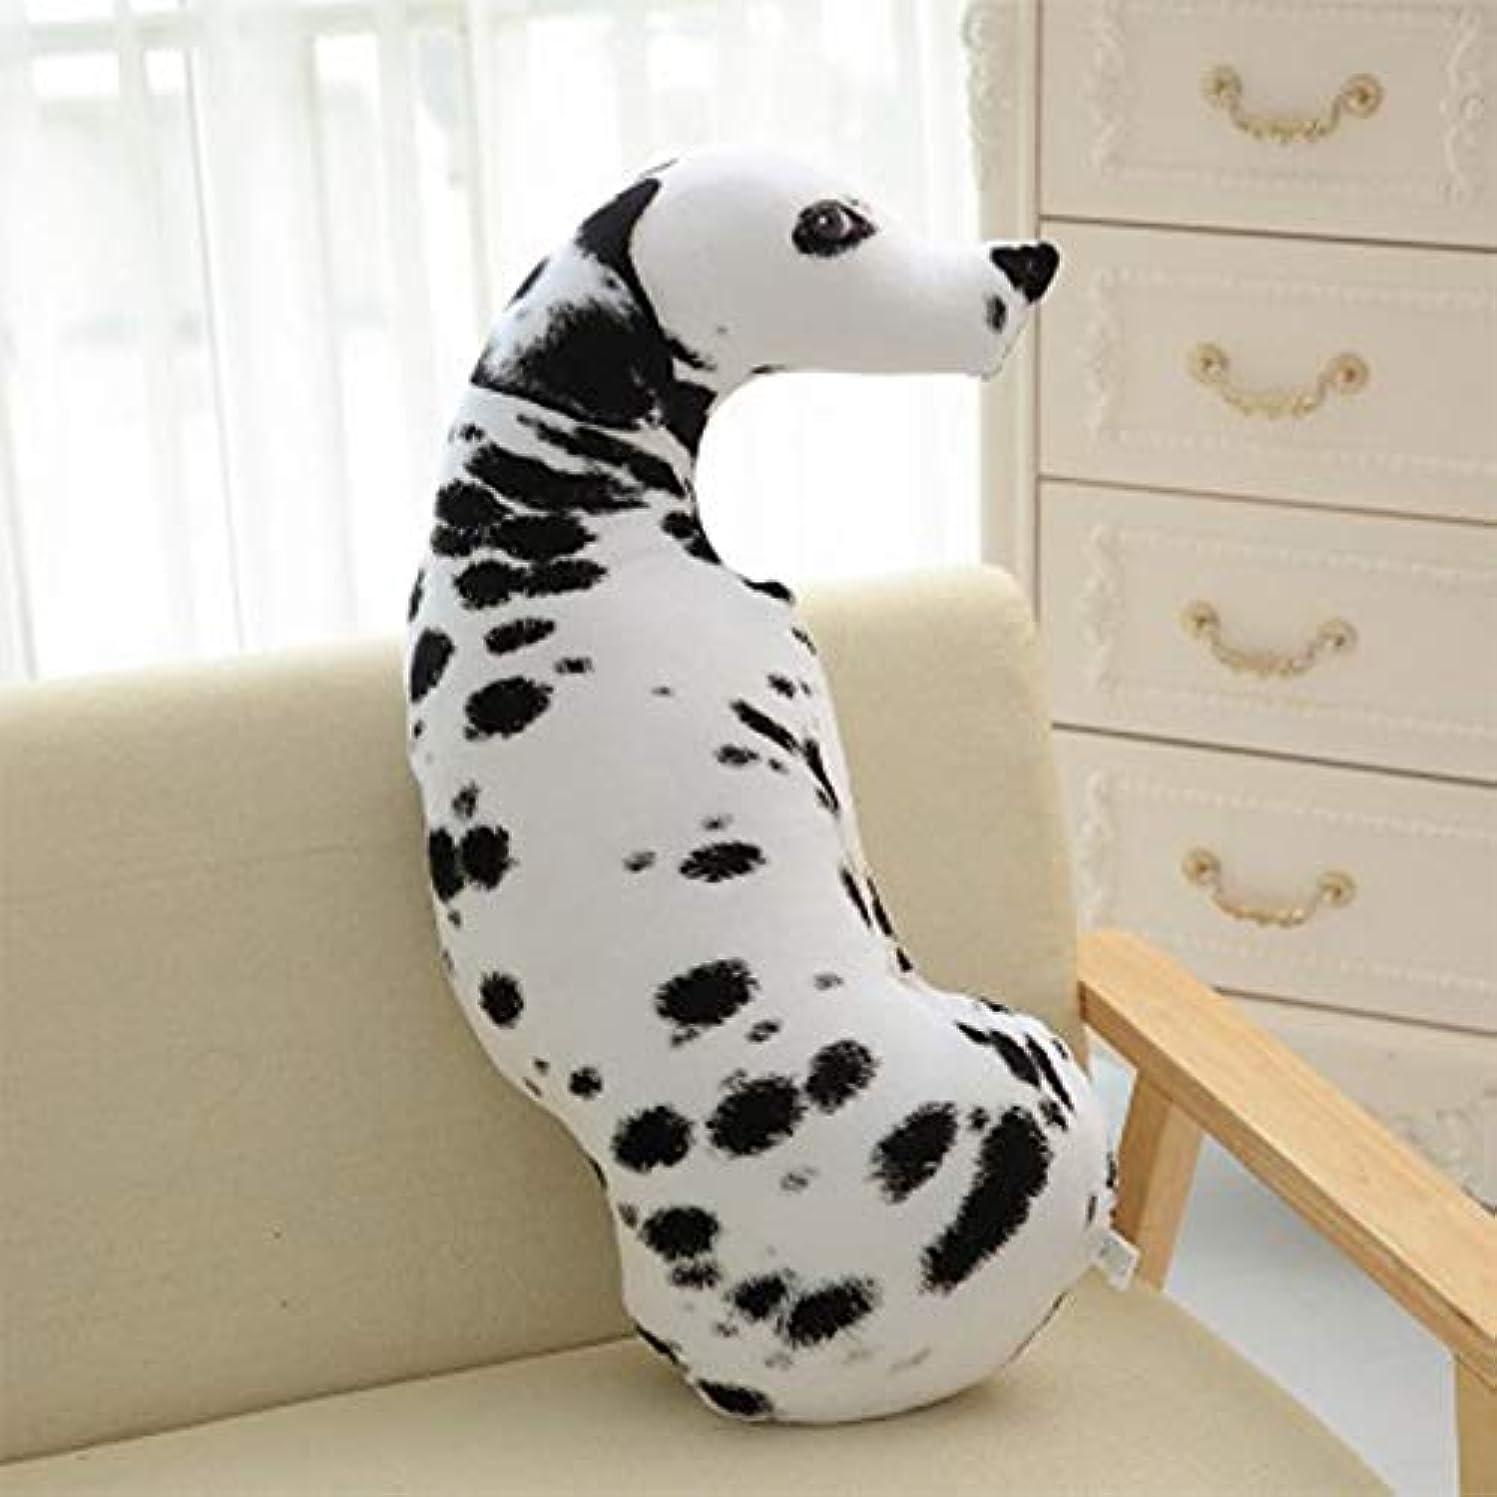 テスピアン休暇怒るLIFE 3D プリントシミュレーション犬ぬいぐるみクッションぬいぐるみ犬ぬいぐるみ枕ぬいぐるみの漫画クッションキッズ人形ベストギフト クッション 椅子